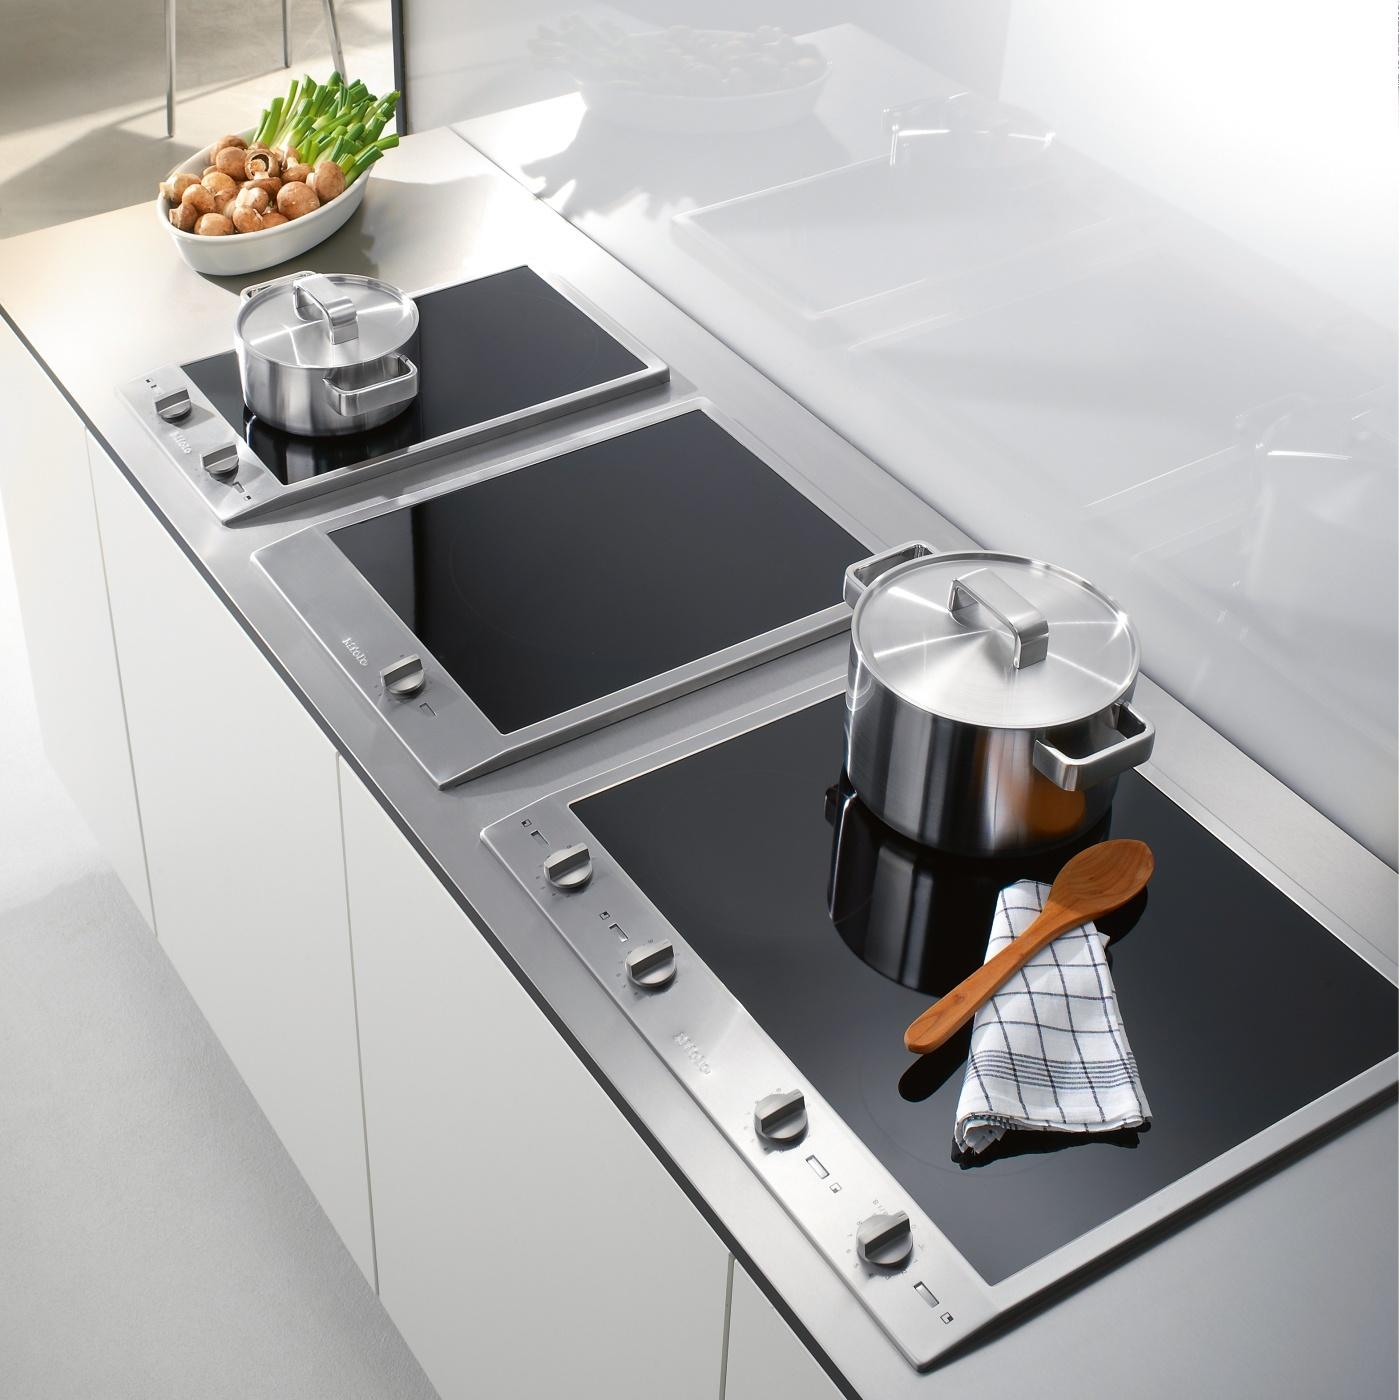 miele küchengeräte 2017 eine moderne küche lebt mit ihrer